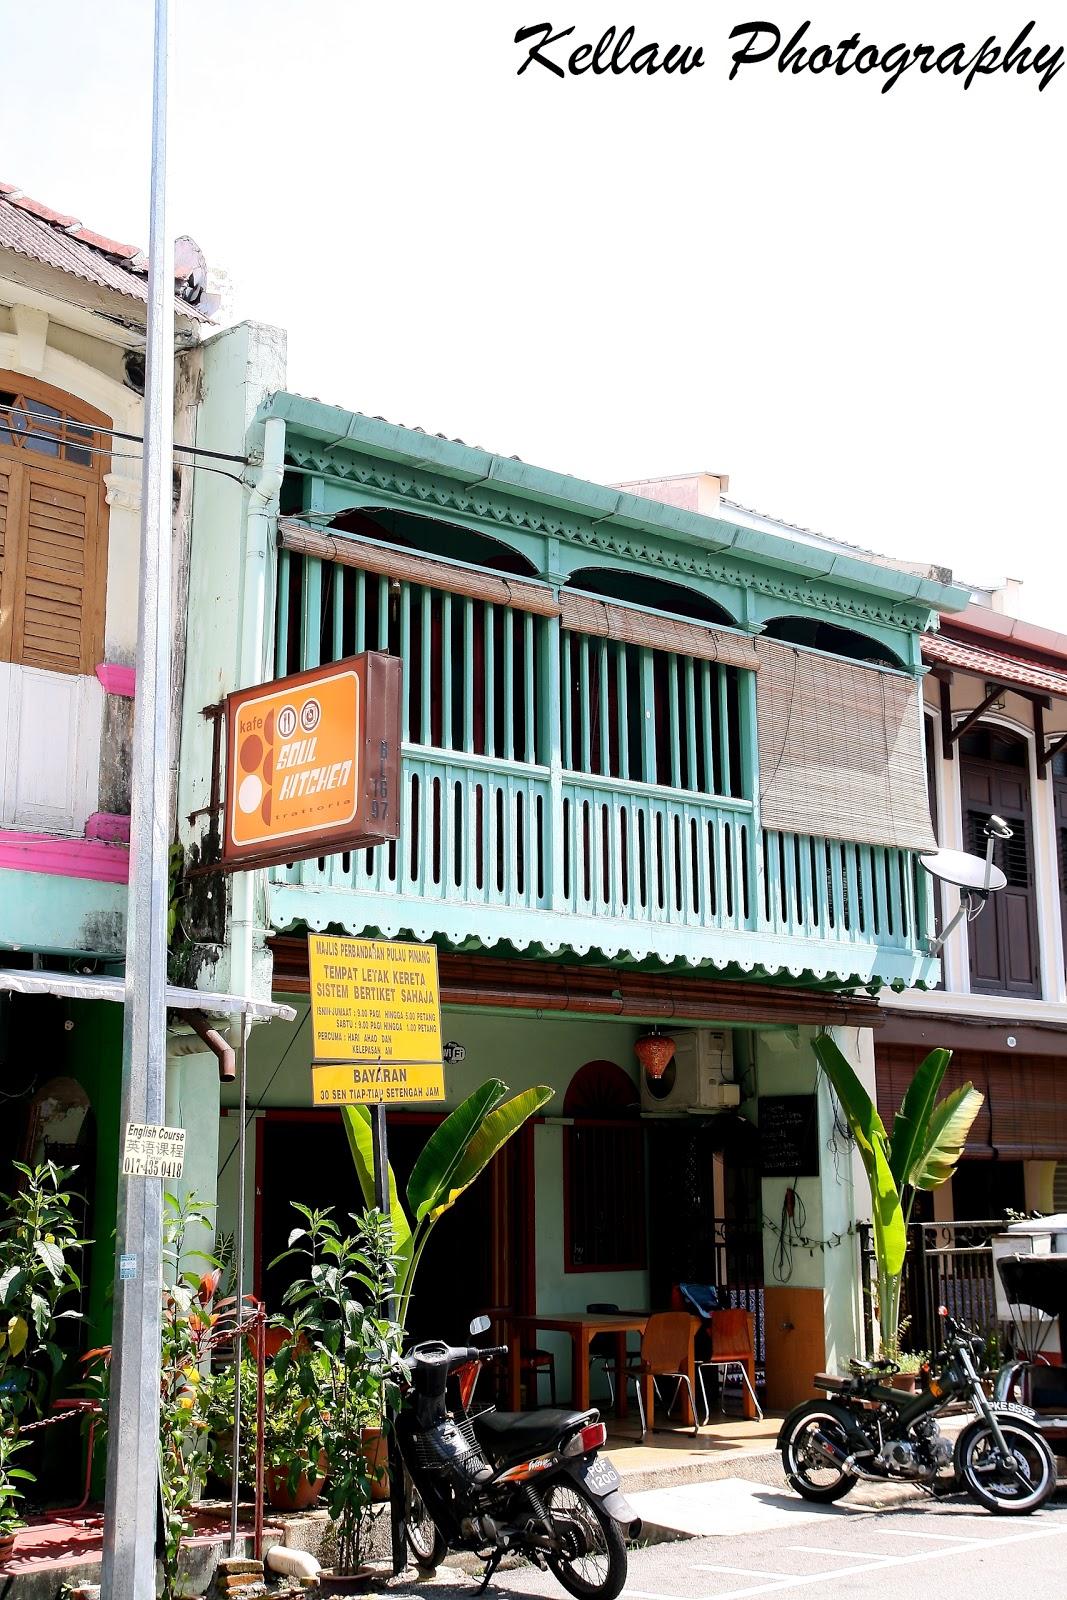 Soul Kitchen Trattoria Penang Review (Non Halal)